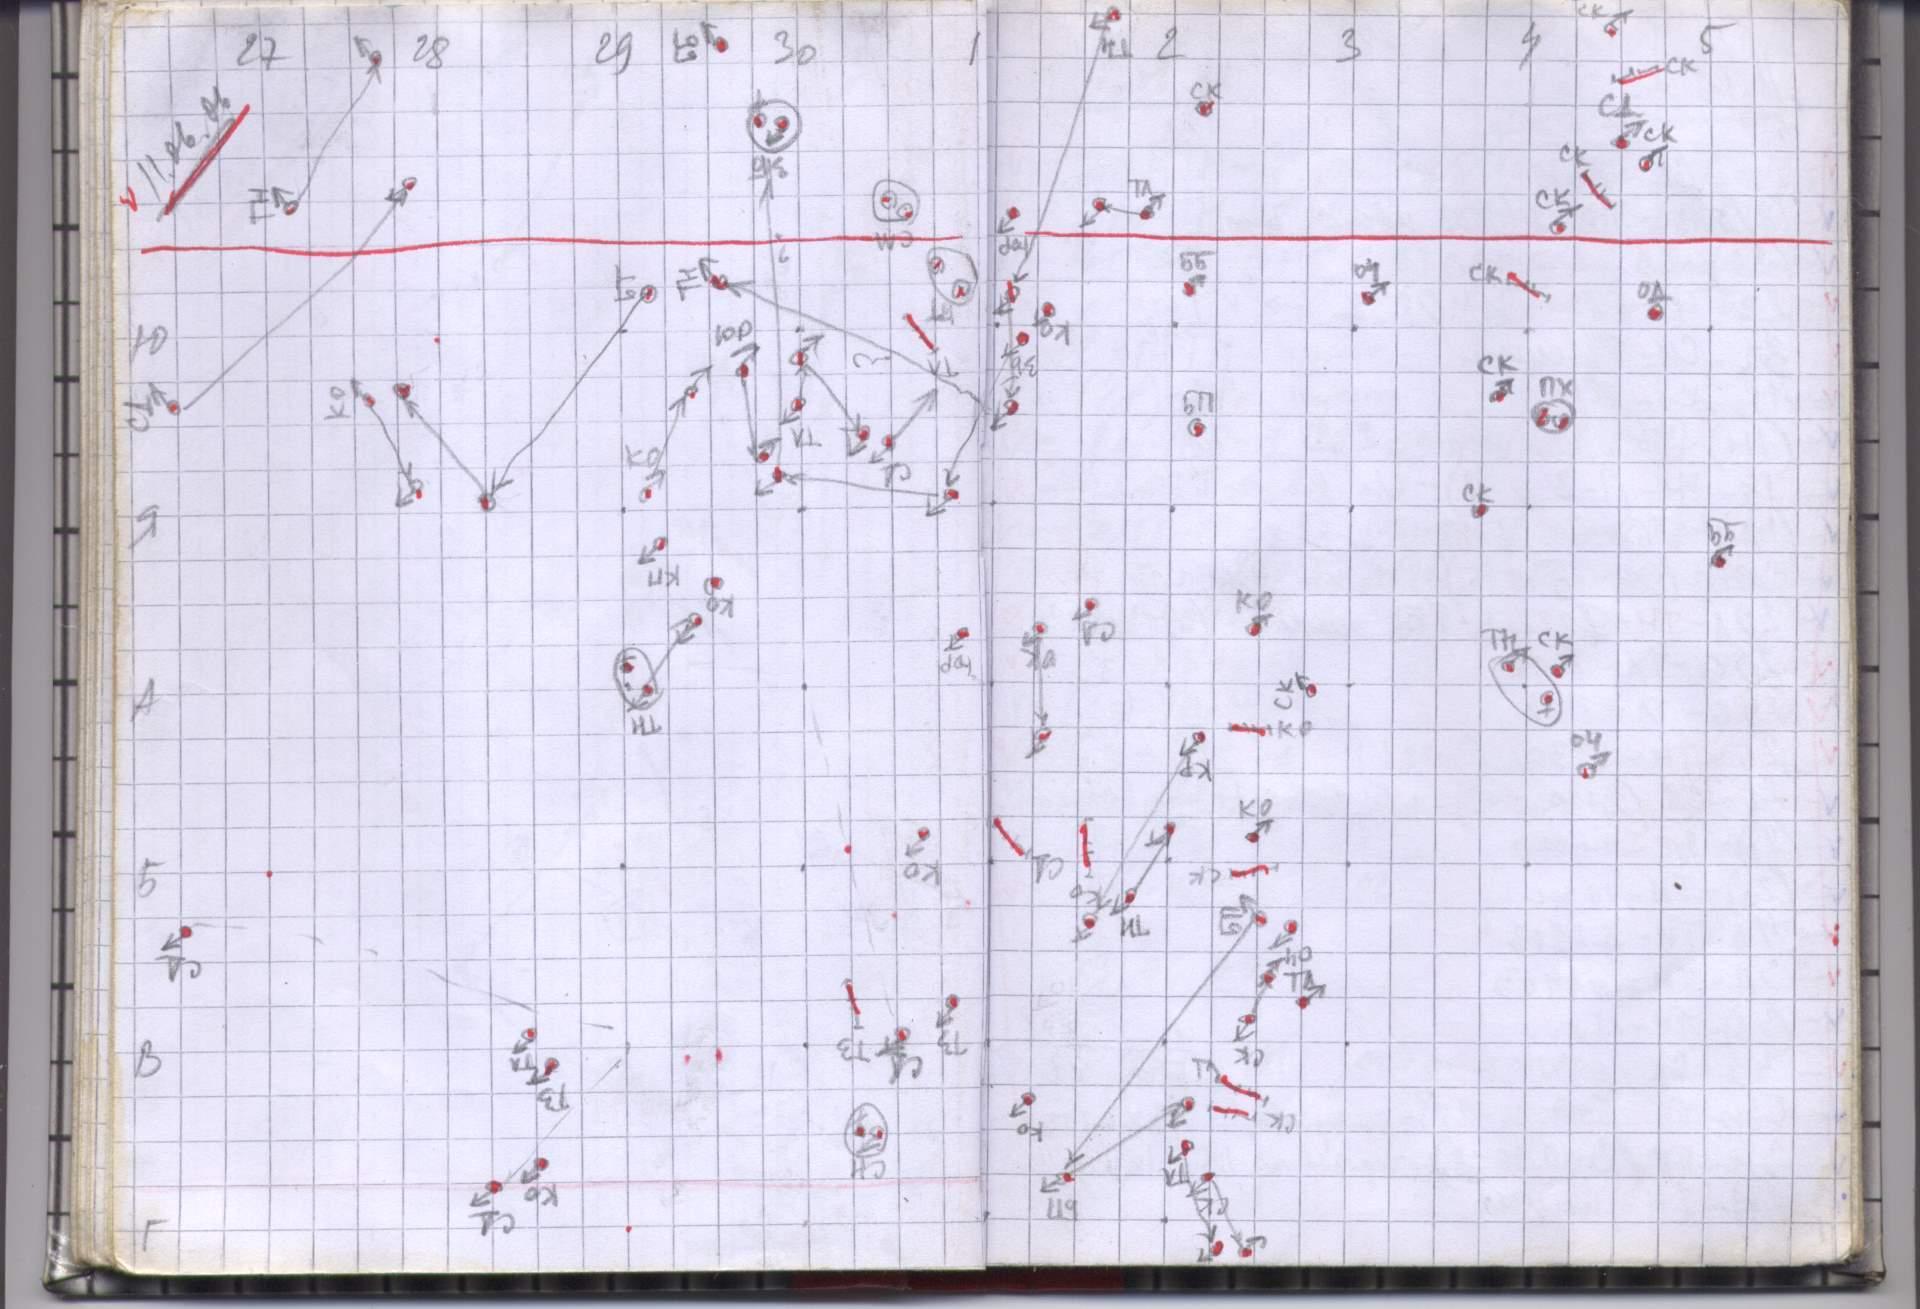 Common Bird Census, или биоинформатика в орнитологии. Проект в хорошие руки - 4